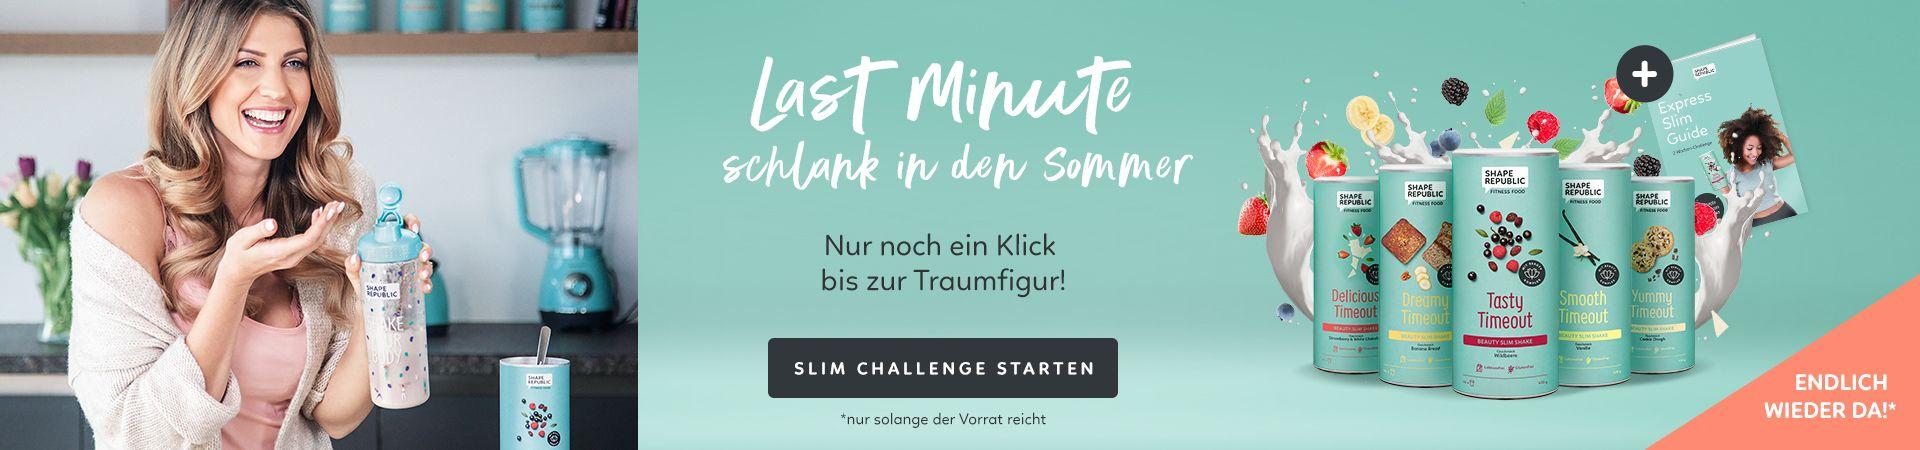 Influencerin Sarah Harrison präsentiert die Last Minute schlank in den Sommer Challenge von Shape Republic.